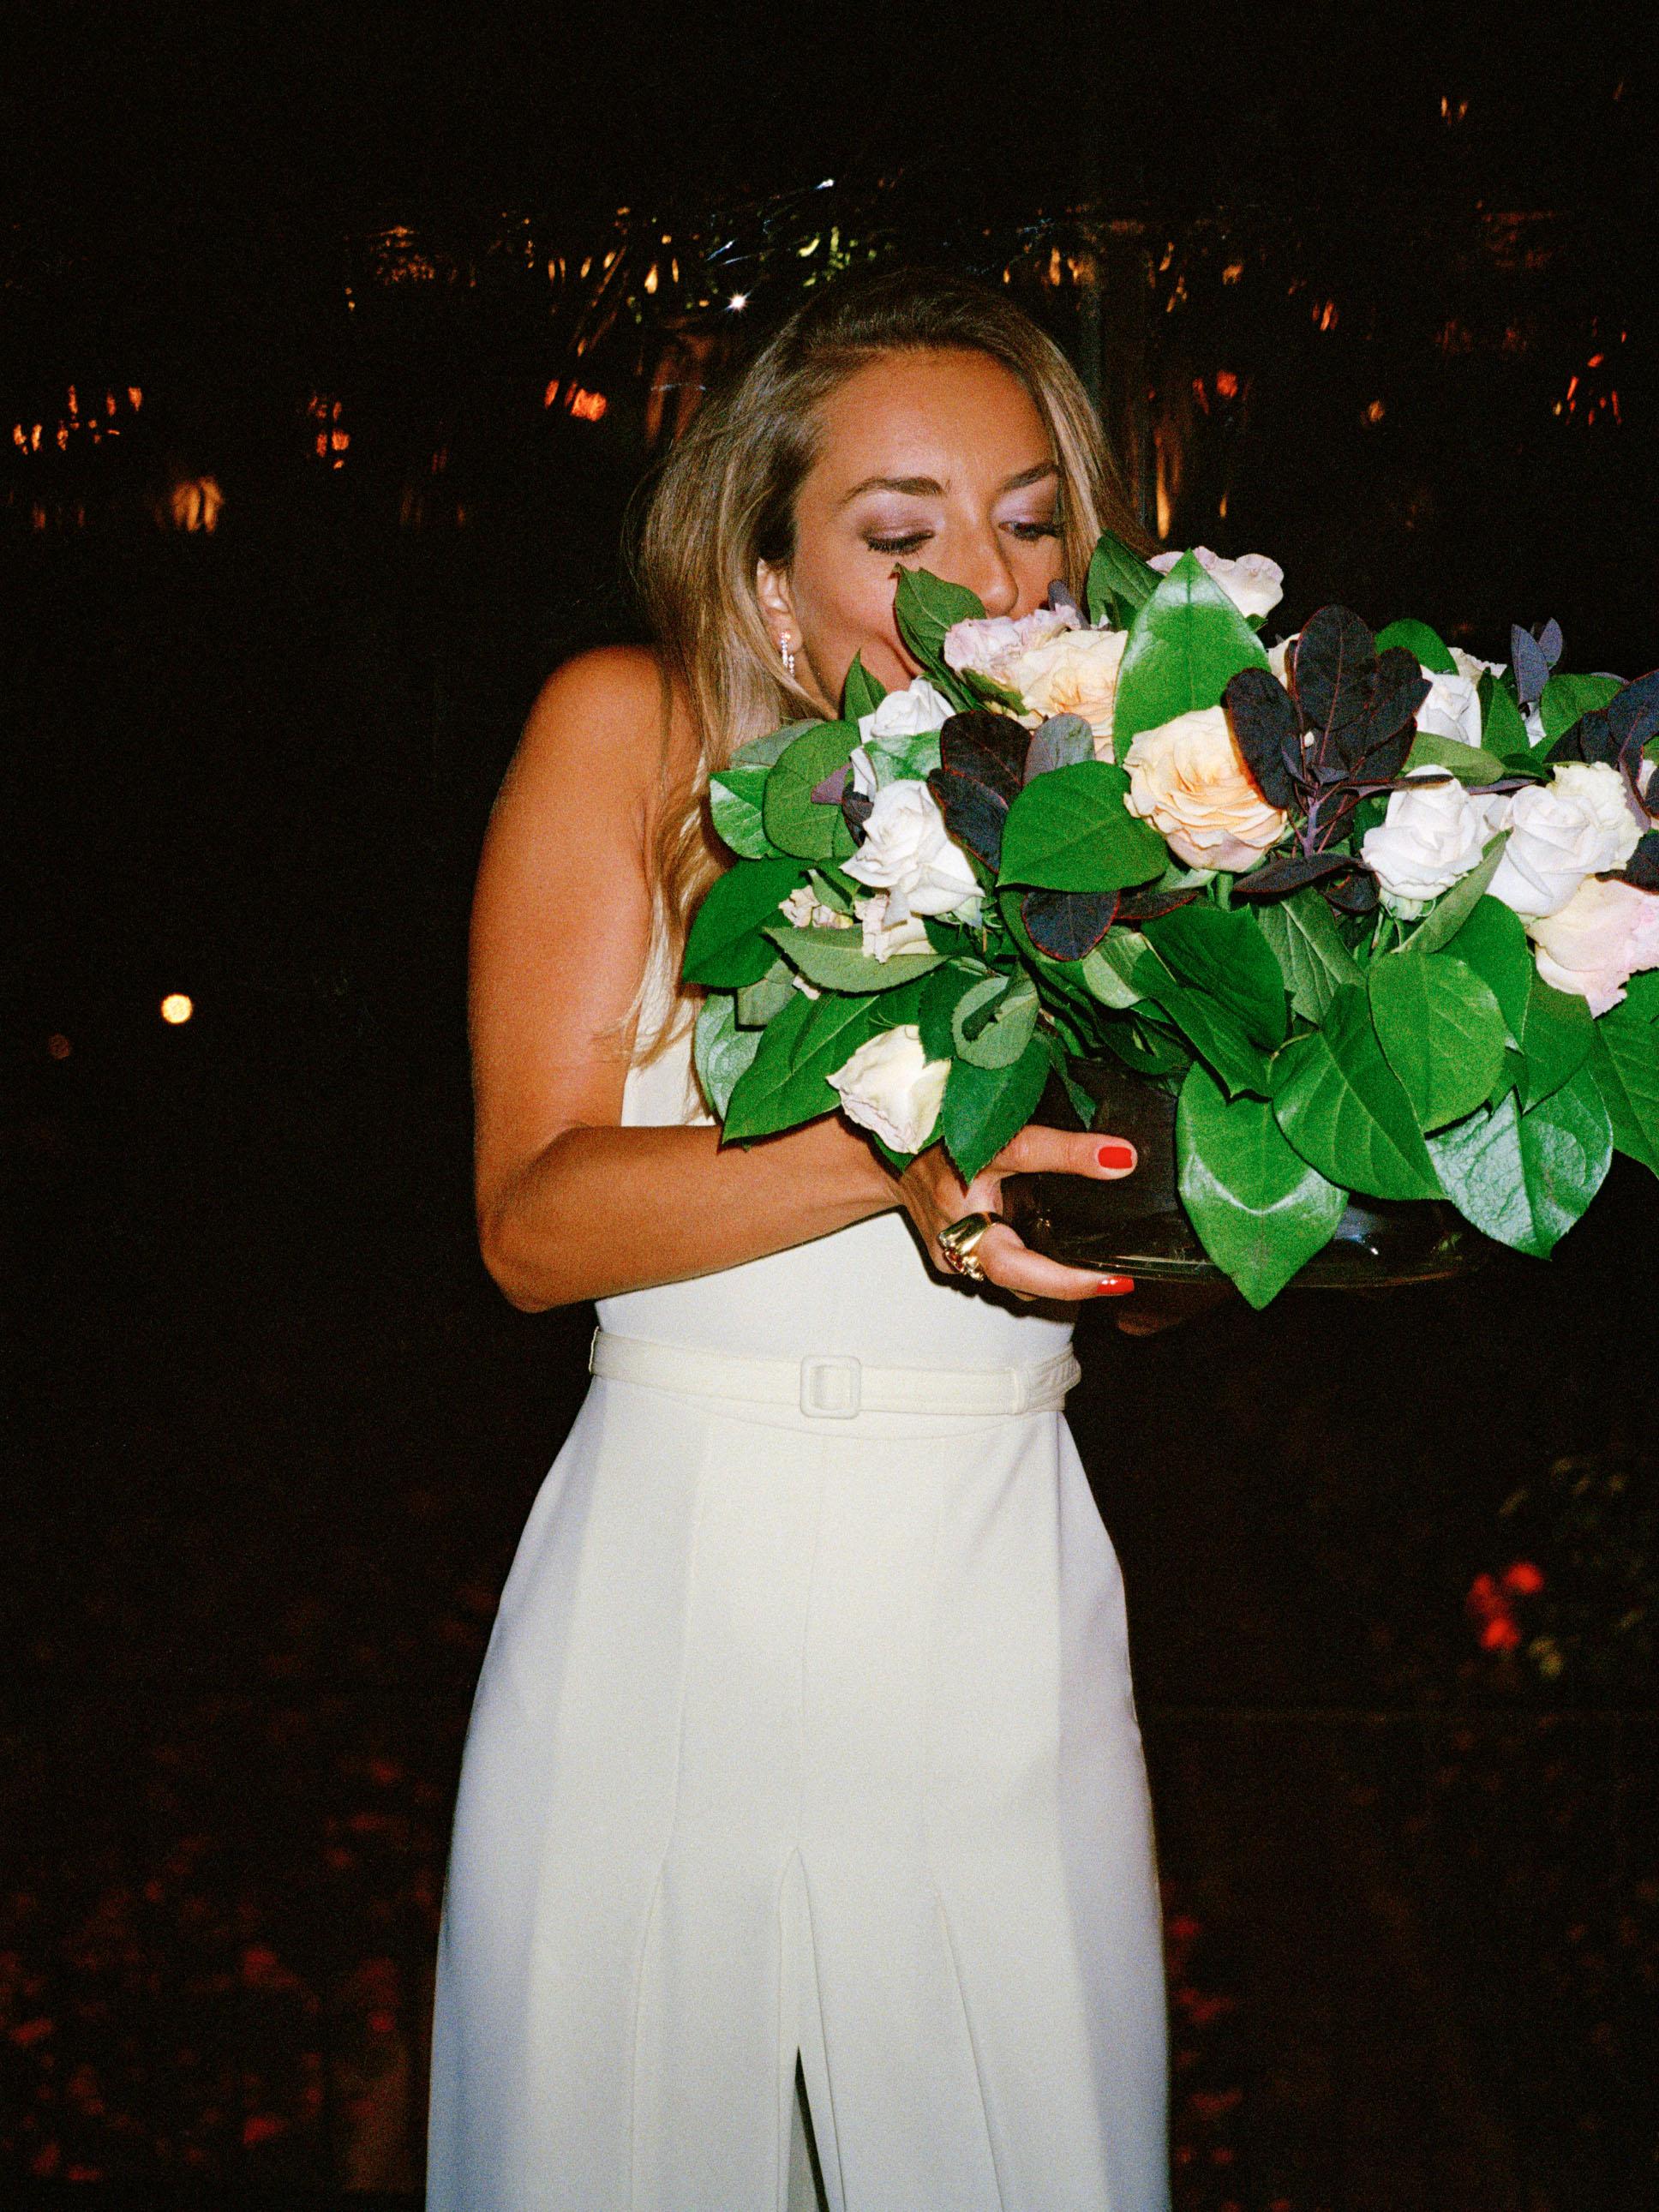 Melanie smelling flower